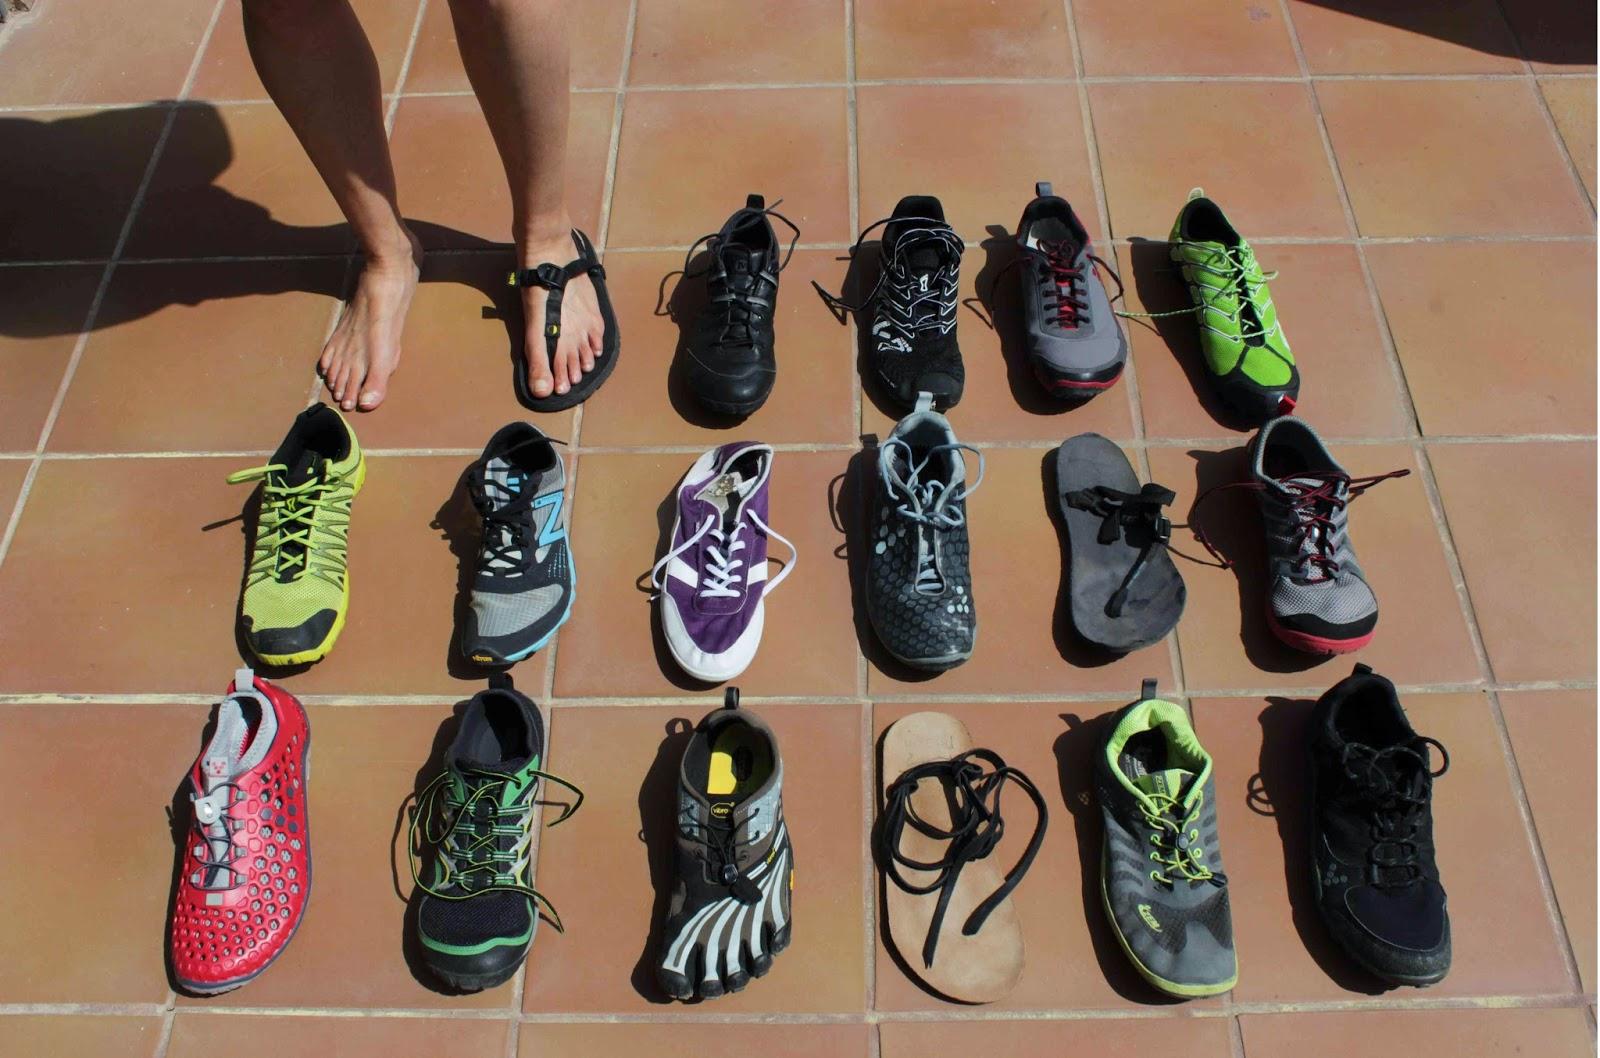 zapatos para 15 años Imágenes de 15 Años - zapatillas de 15 años imagenes